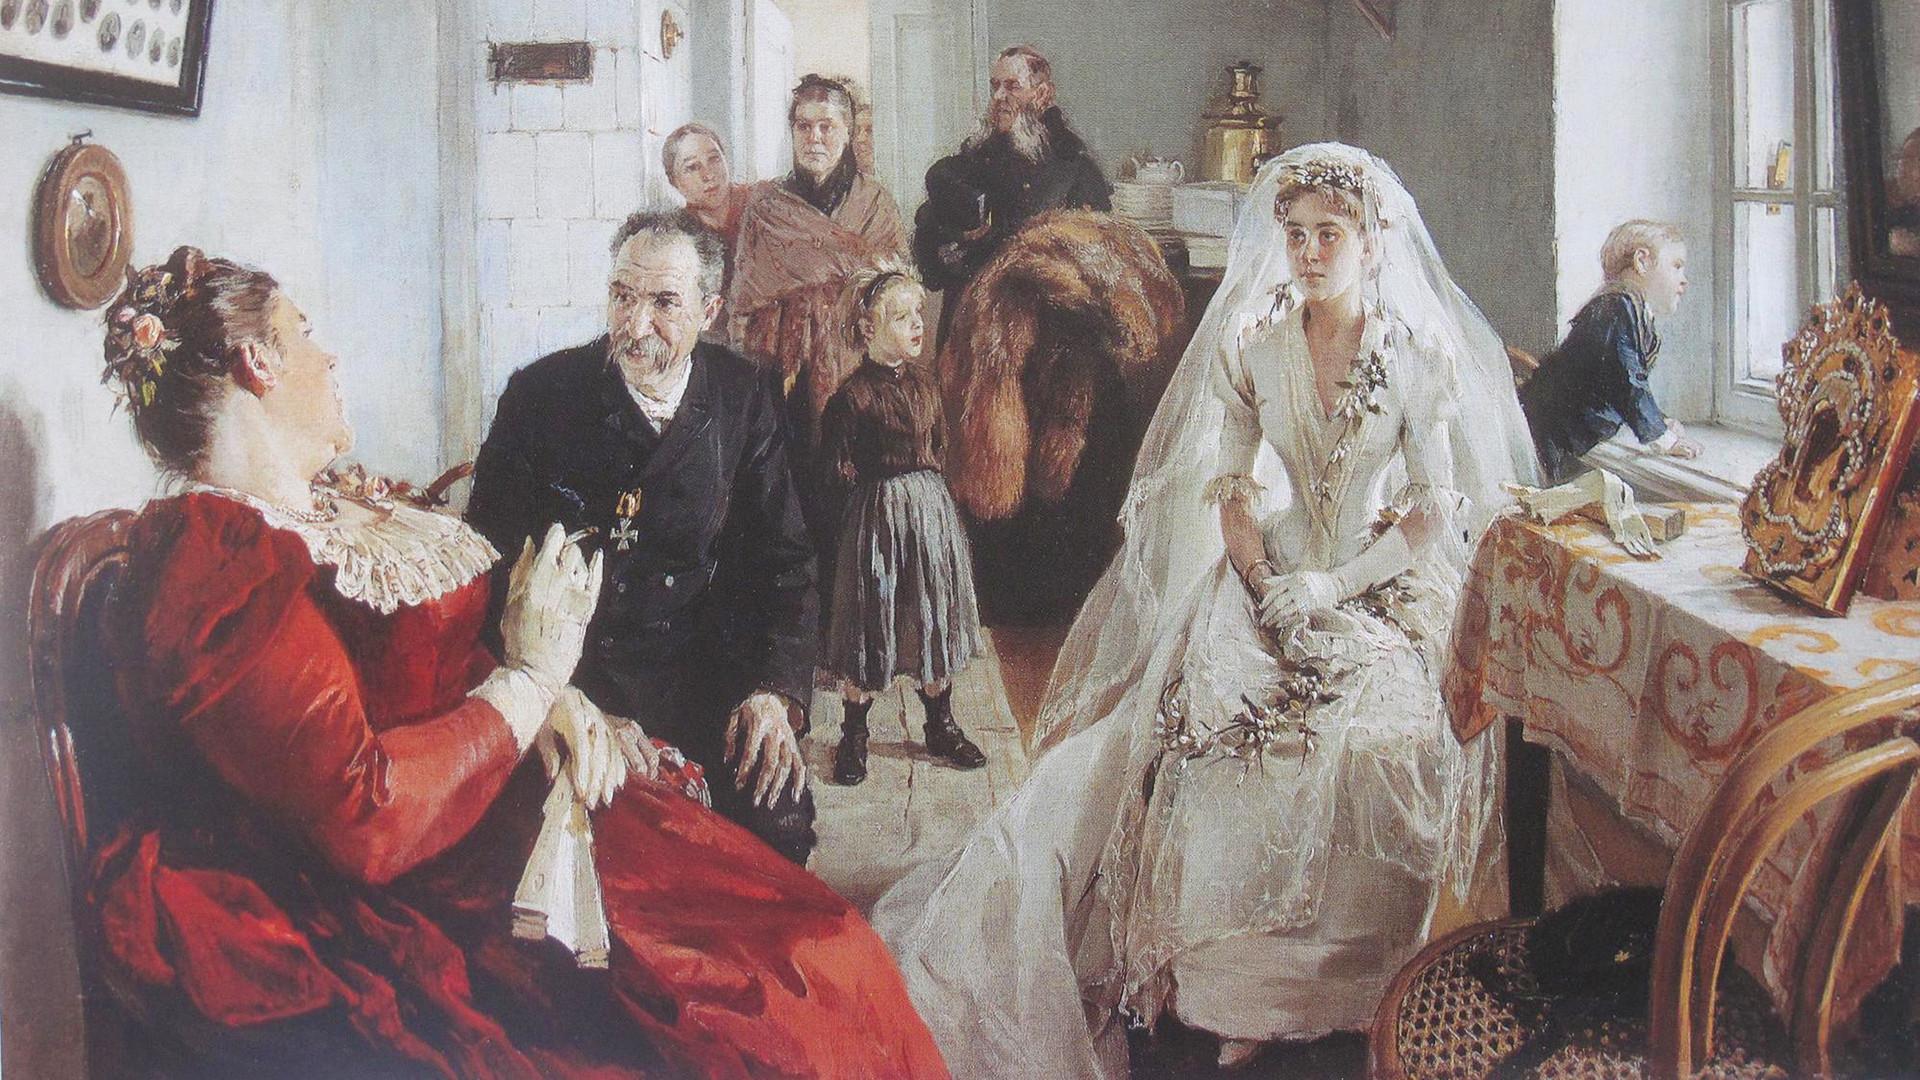 『花婿を待っている間に』、イラリオン・プリャニシニコフ